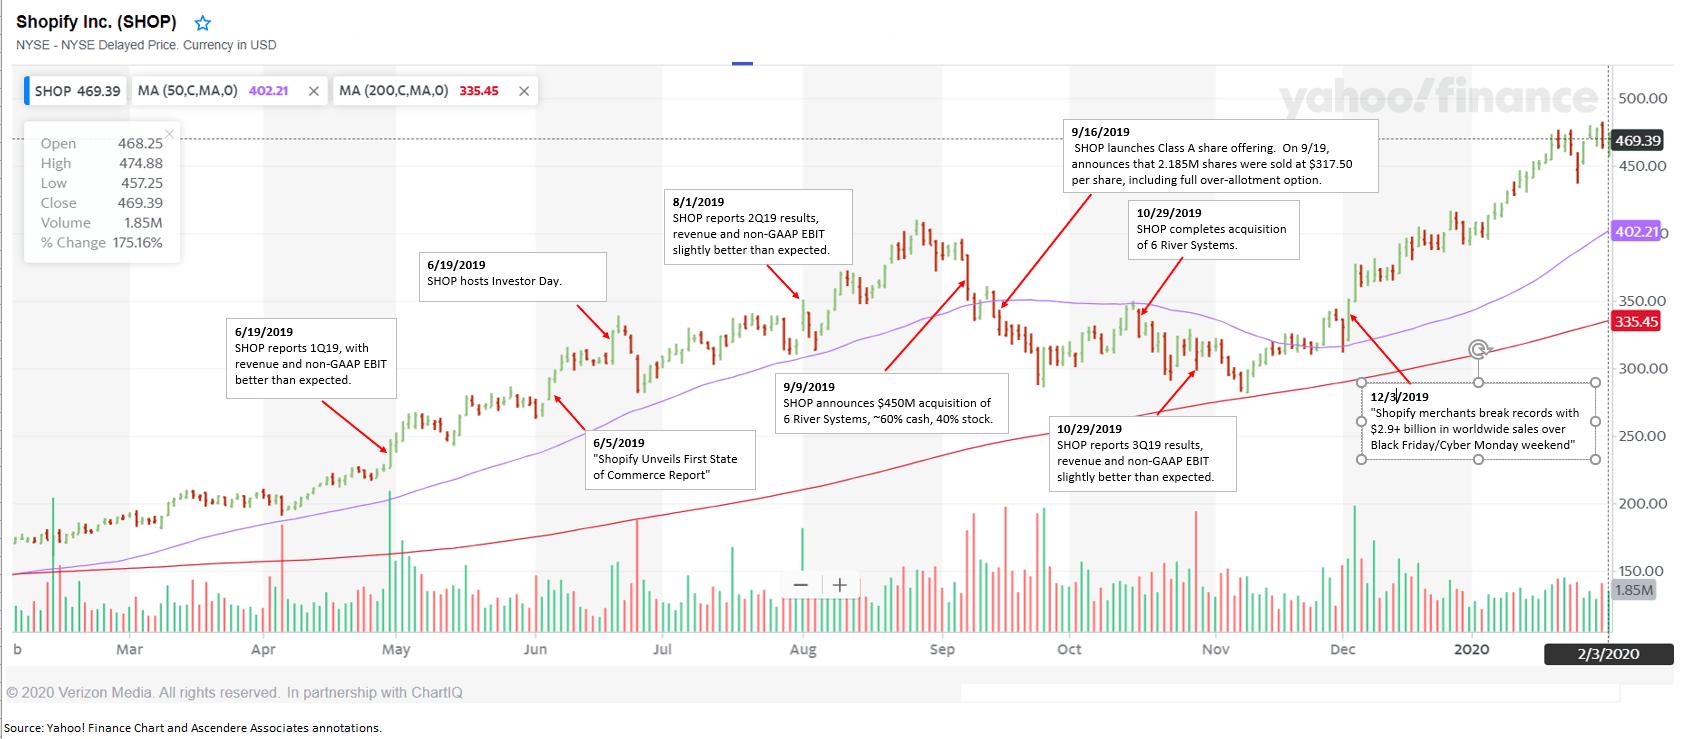 Shopify Inc. Overvalued NYSESHOP   Seeking Alpha